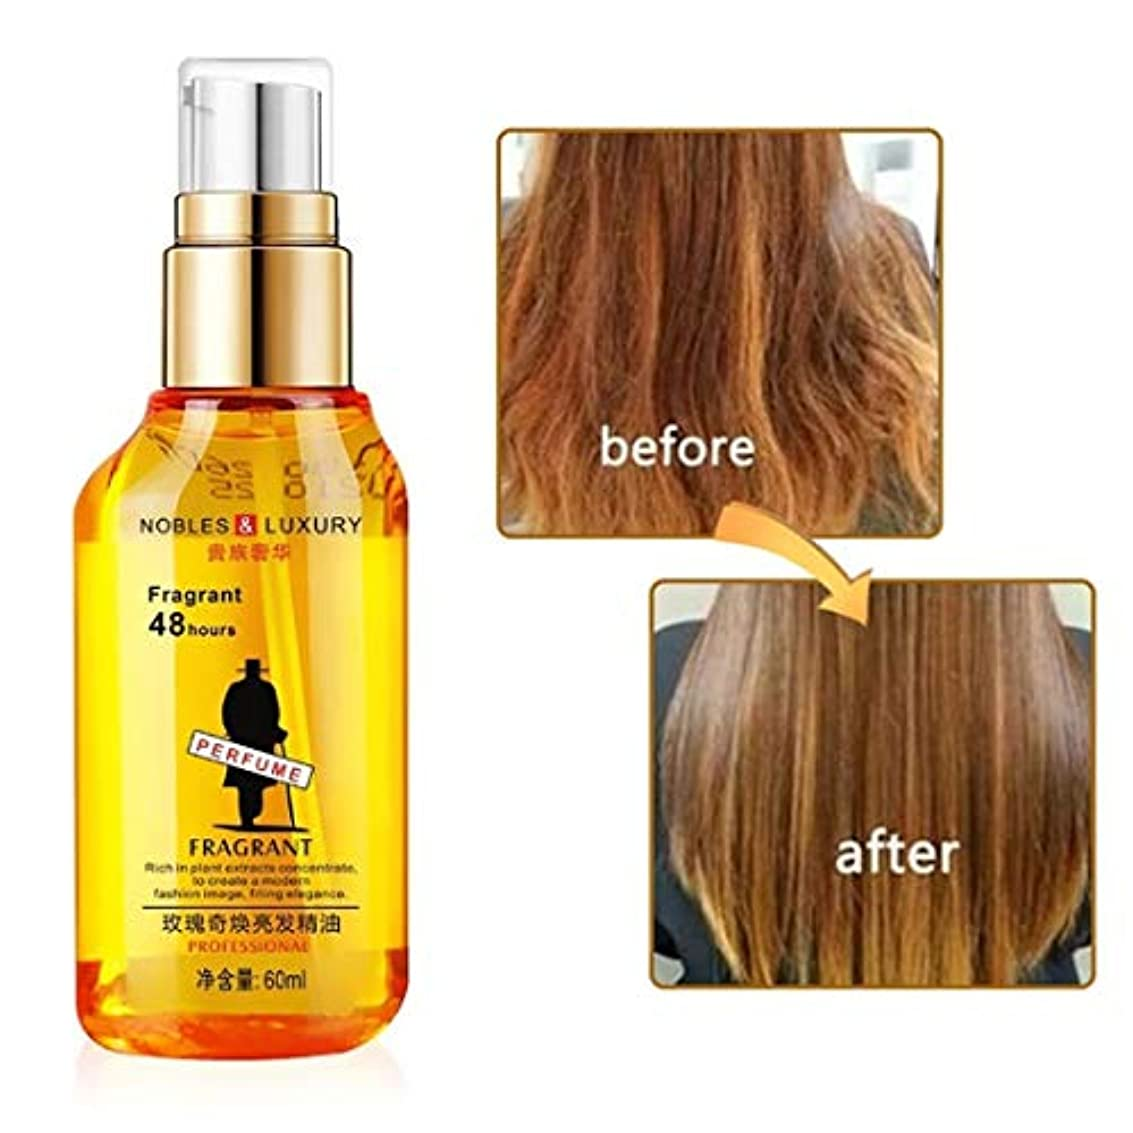 匿名君主制くびれたハーブの毛の成長の反毛損失の液体は厚く速い毛の成長の処置を促進します60ml精油のヘルスケアの美の本質